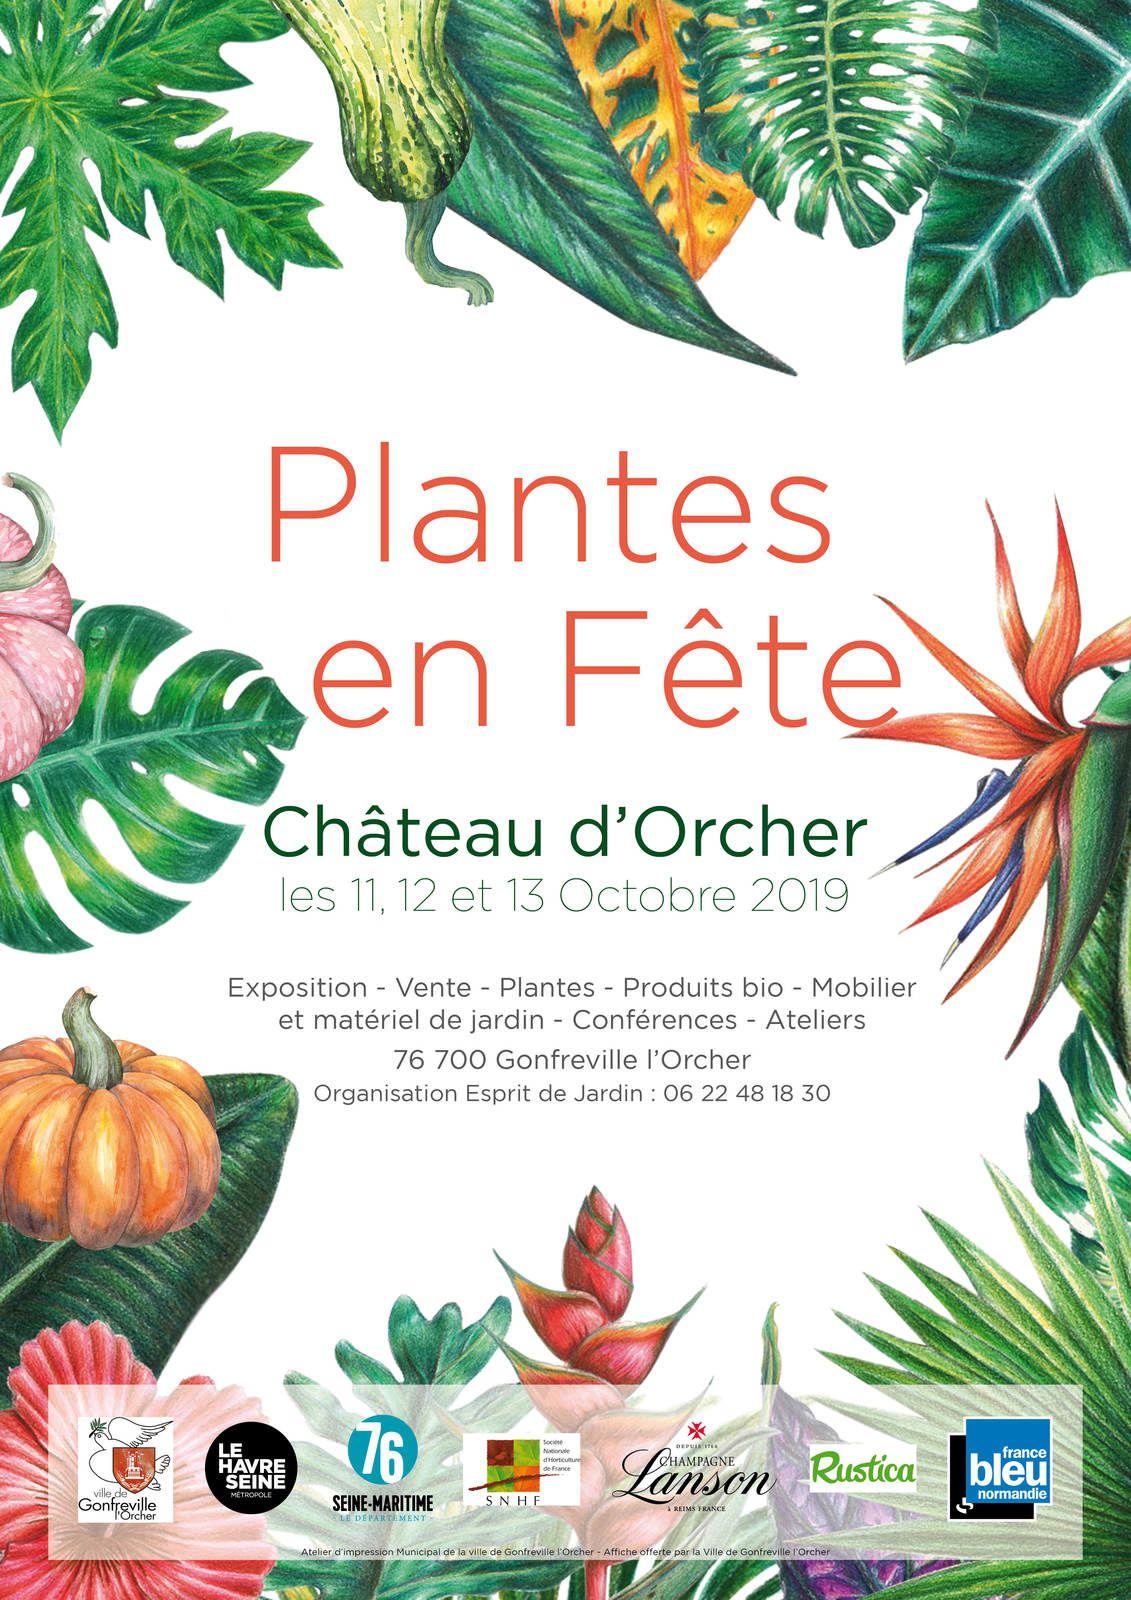 Plantes en Fête au Château d'Orcher et exposition d'Aquarelles d'Inspiration Botanique